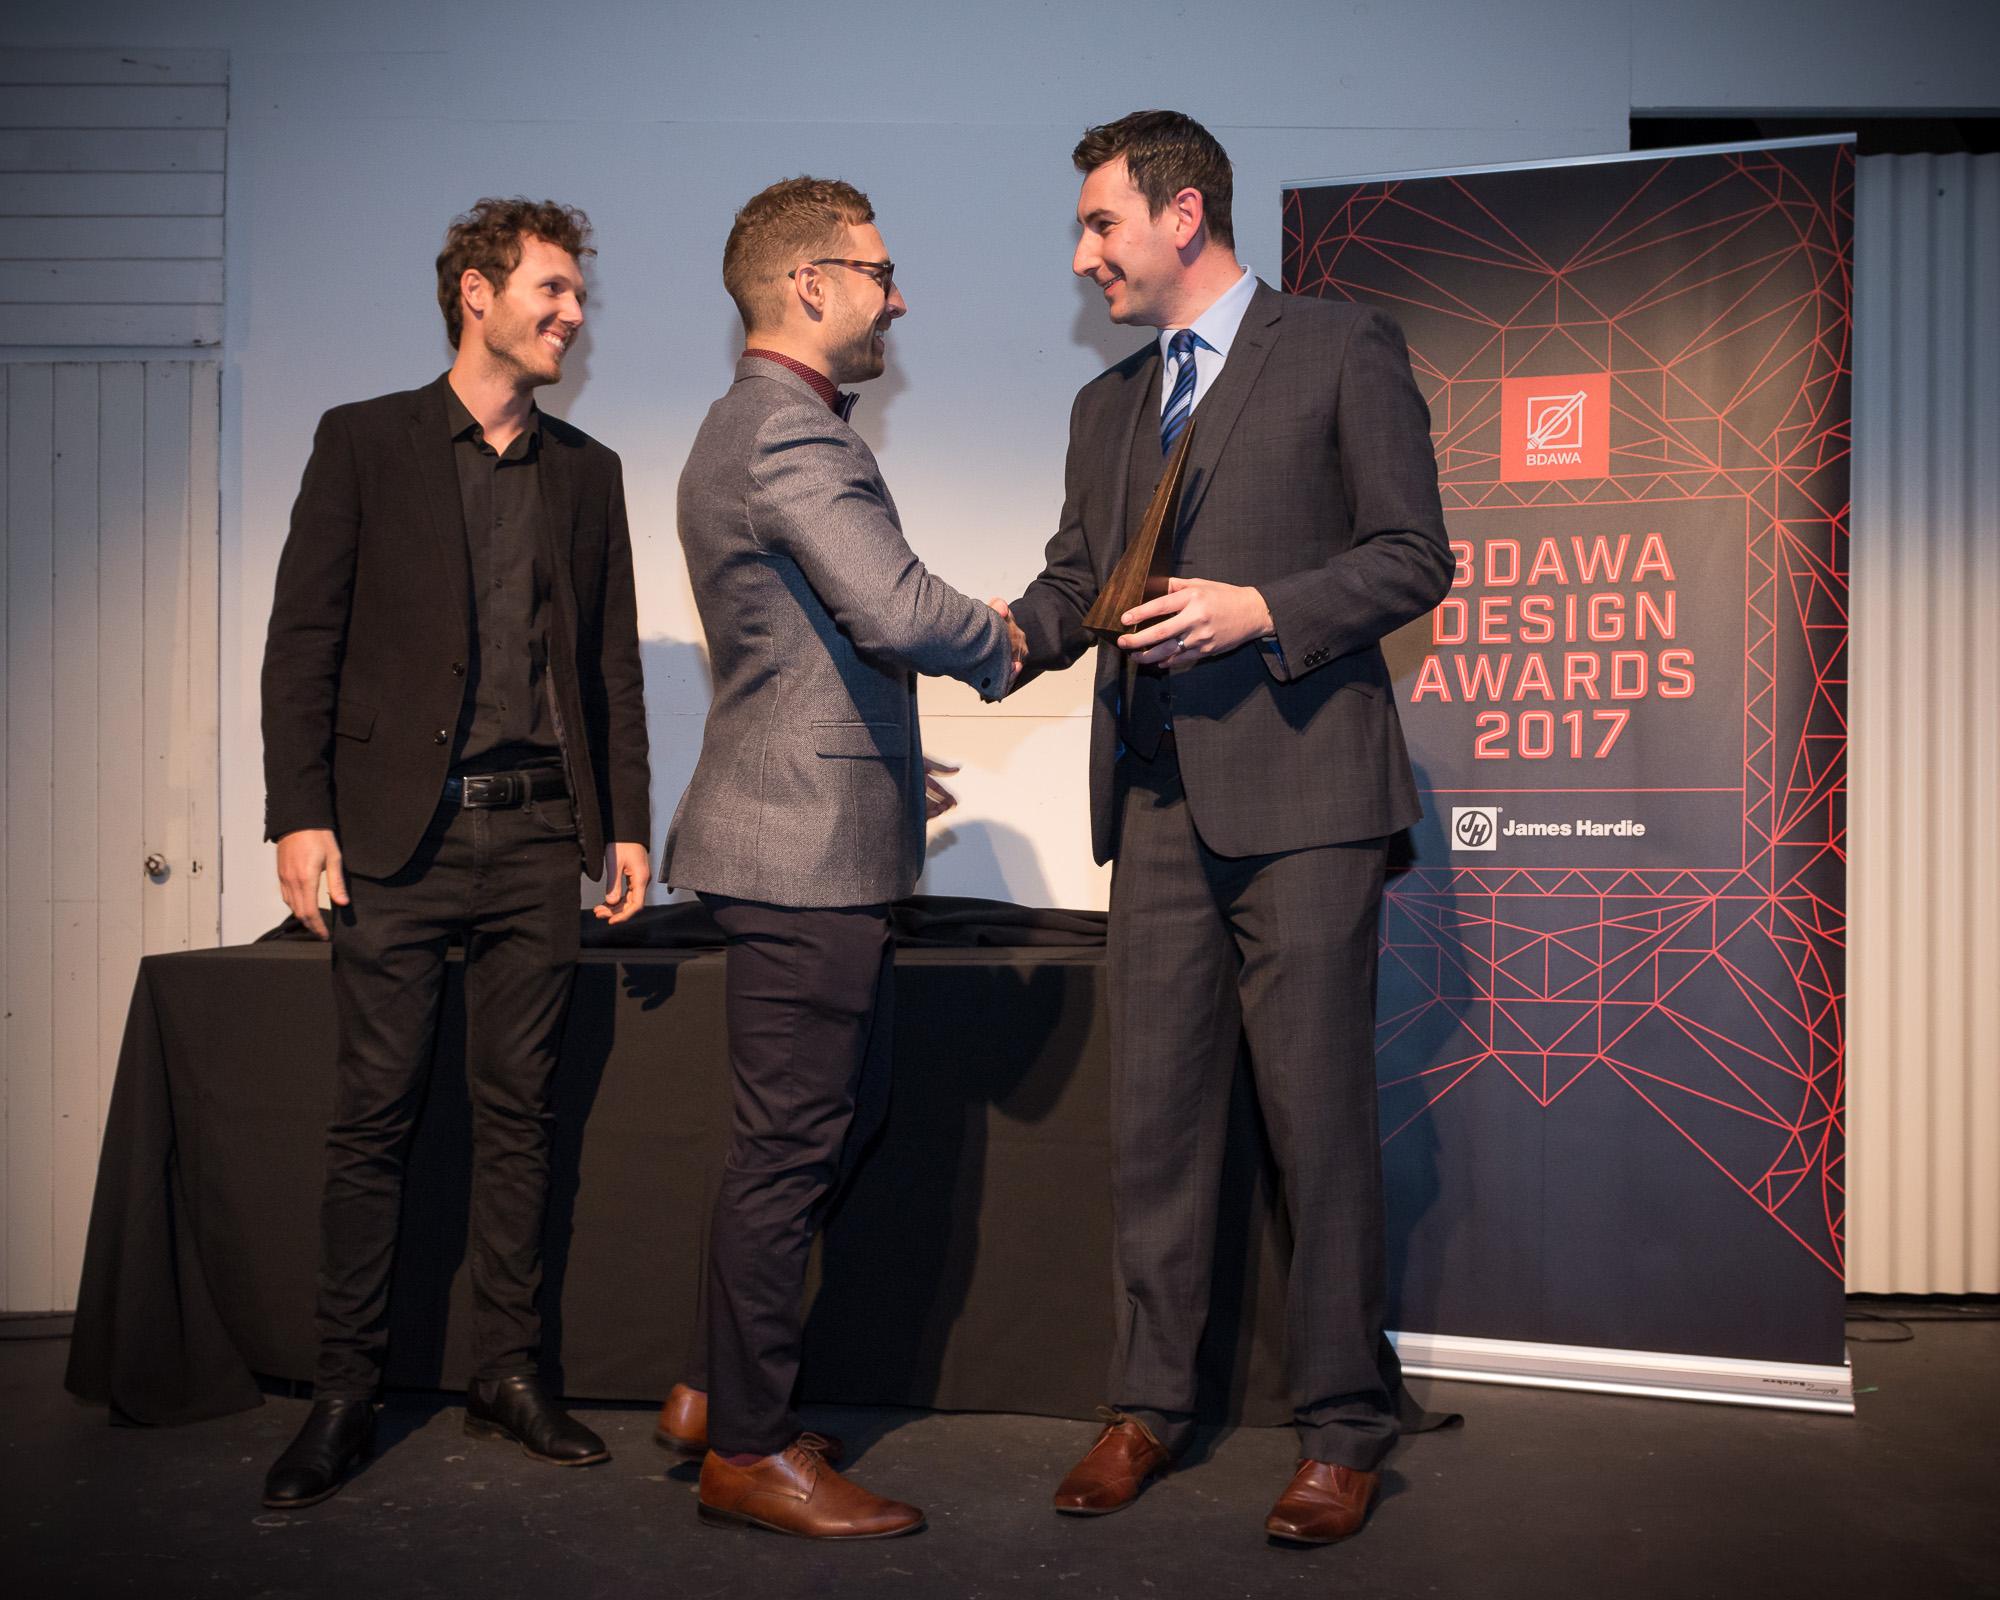 0214 BDA WA Awards 2017 _JHG7537.jpg